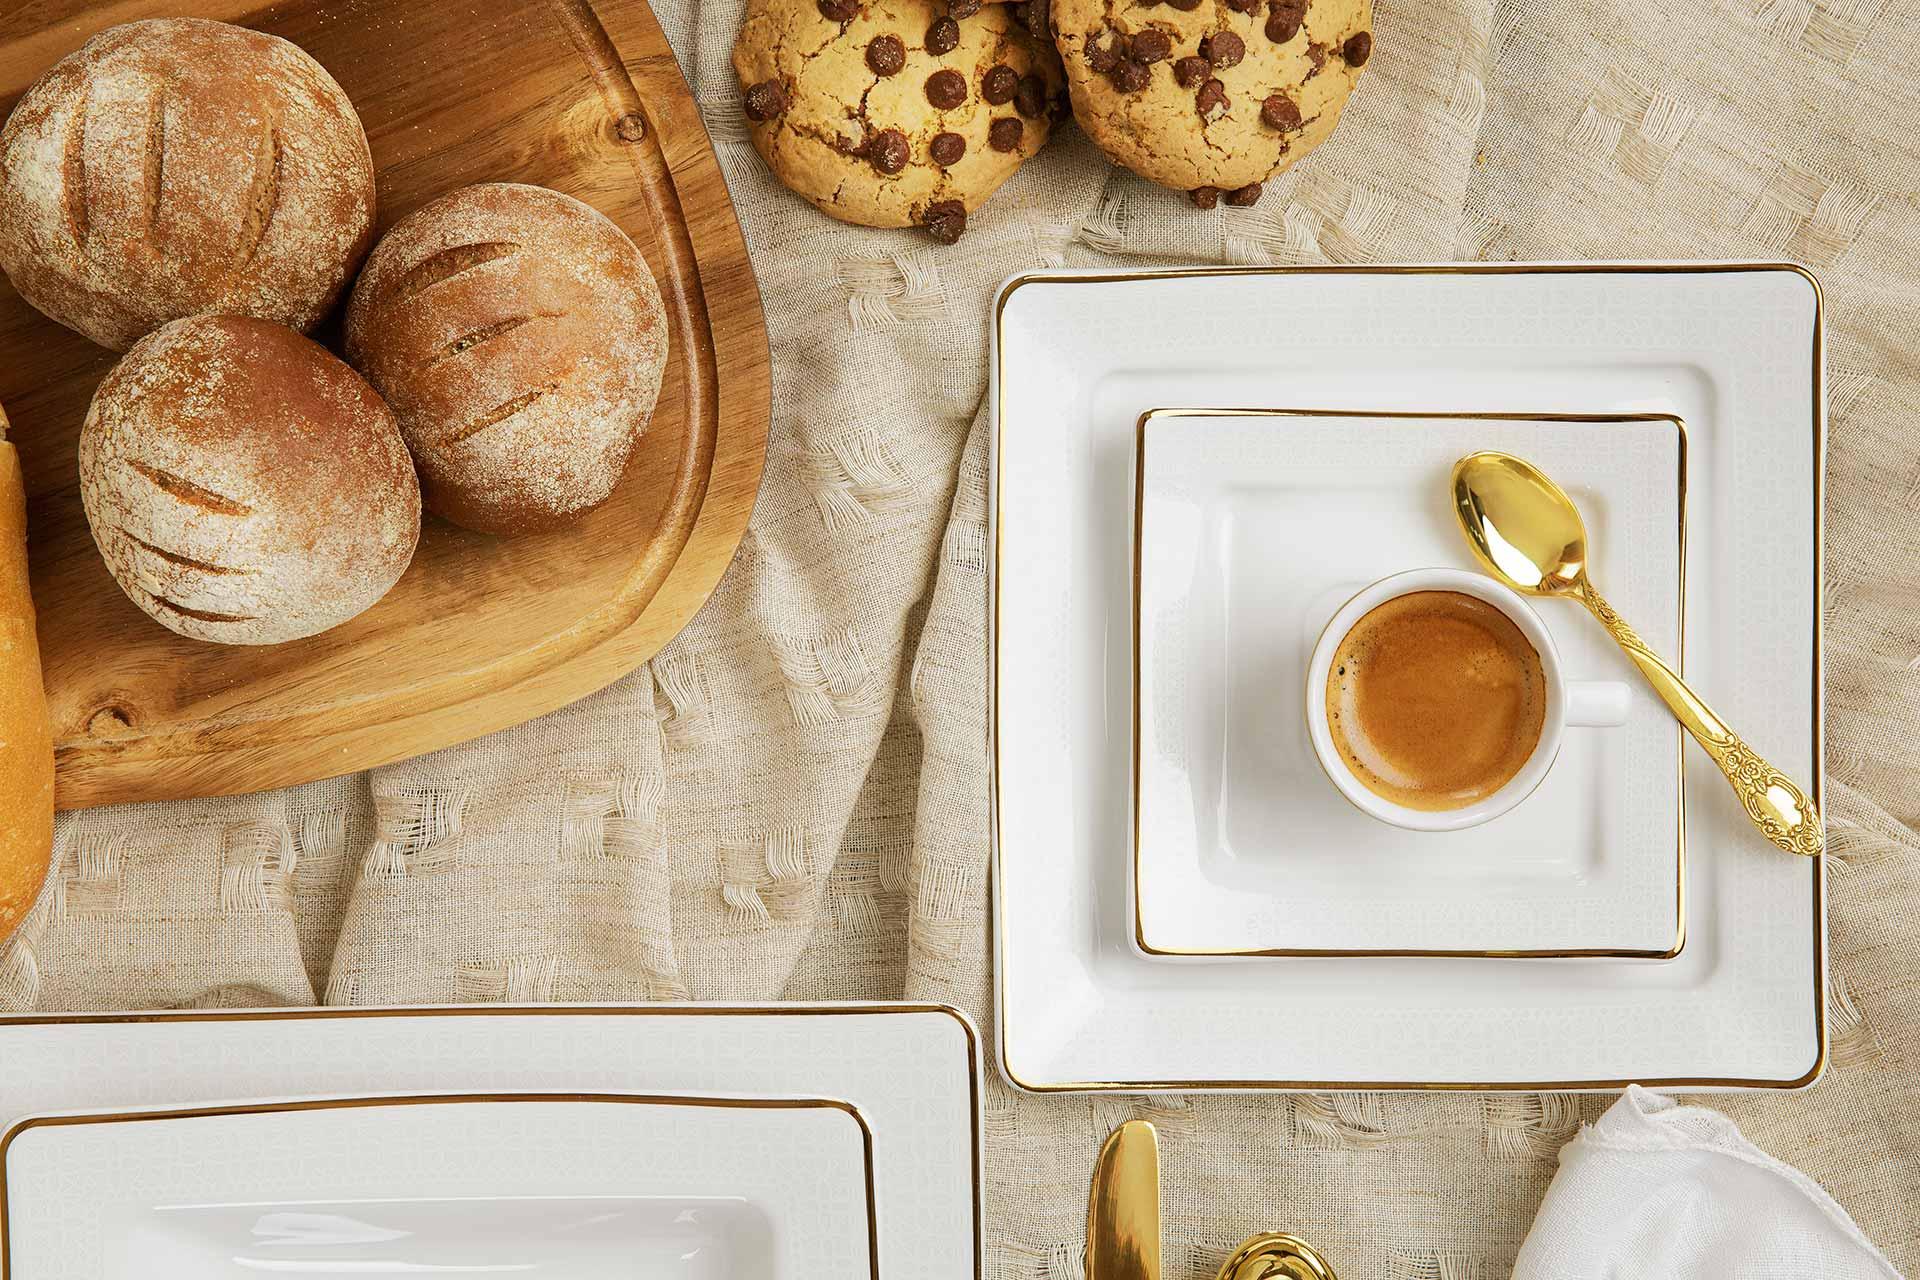 Imagem: O modelo Nara é a releitura do prato quadrado da Oxford. As bordas das peças recebem uma delicada padronagem em branco, juntamente com um filete dourado. Todas as peças dessa coleção podem ser usadas no micro-ondas.